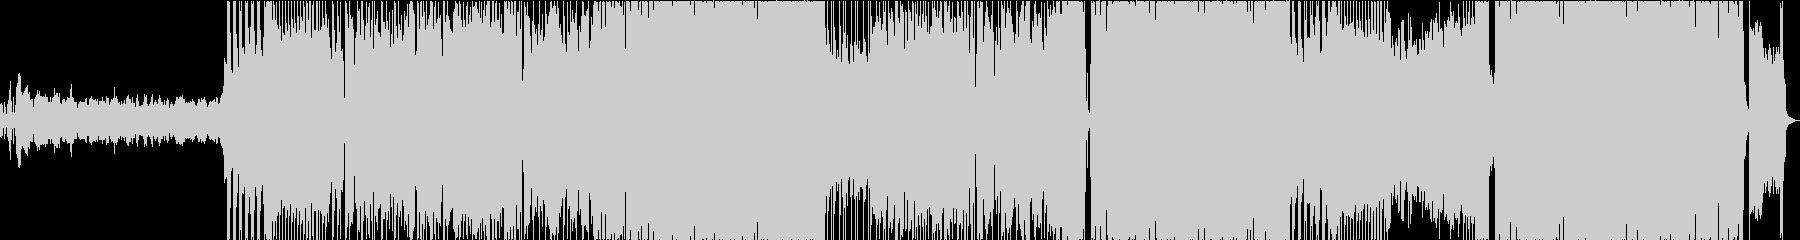 ポップでキャッチーな中華曲の未再生の波形